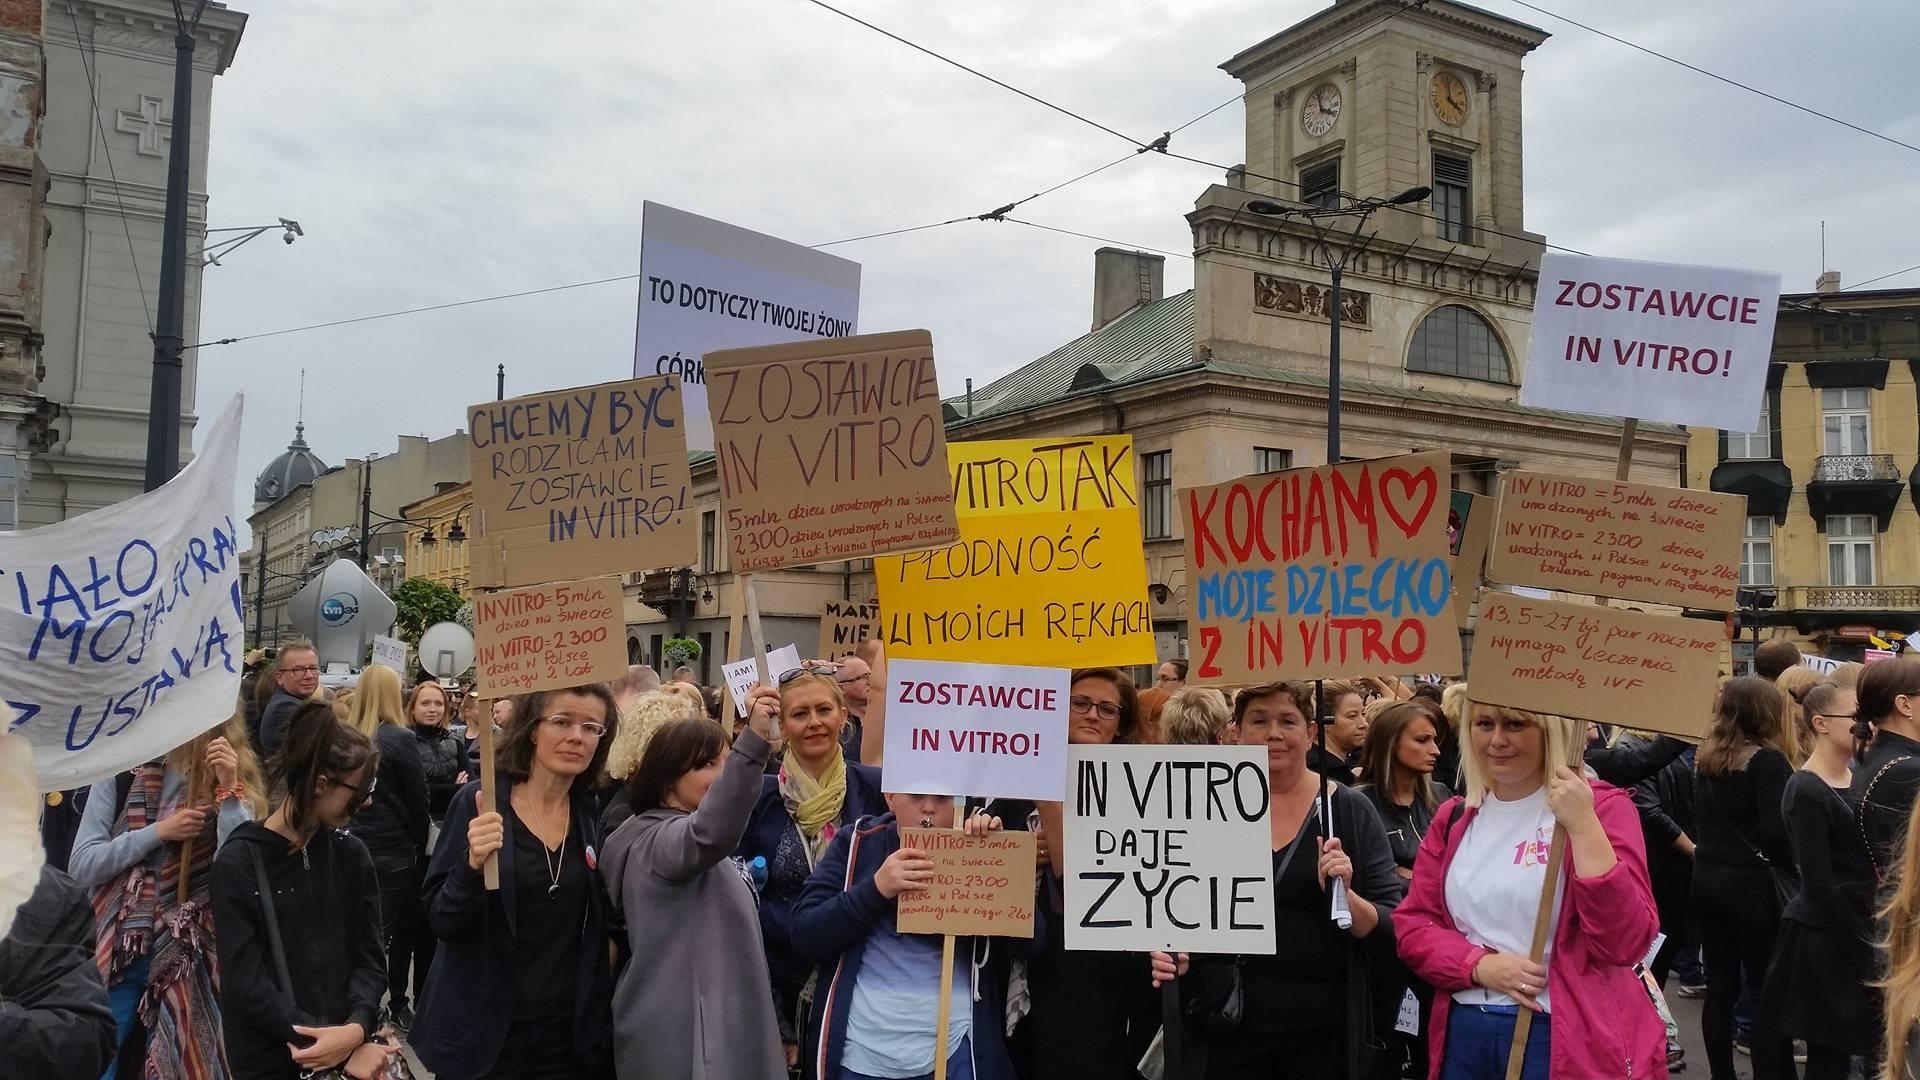 Łódź protest kobiet Zostawcie IN VITRO